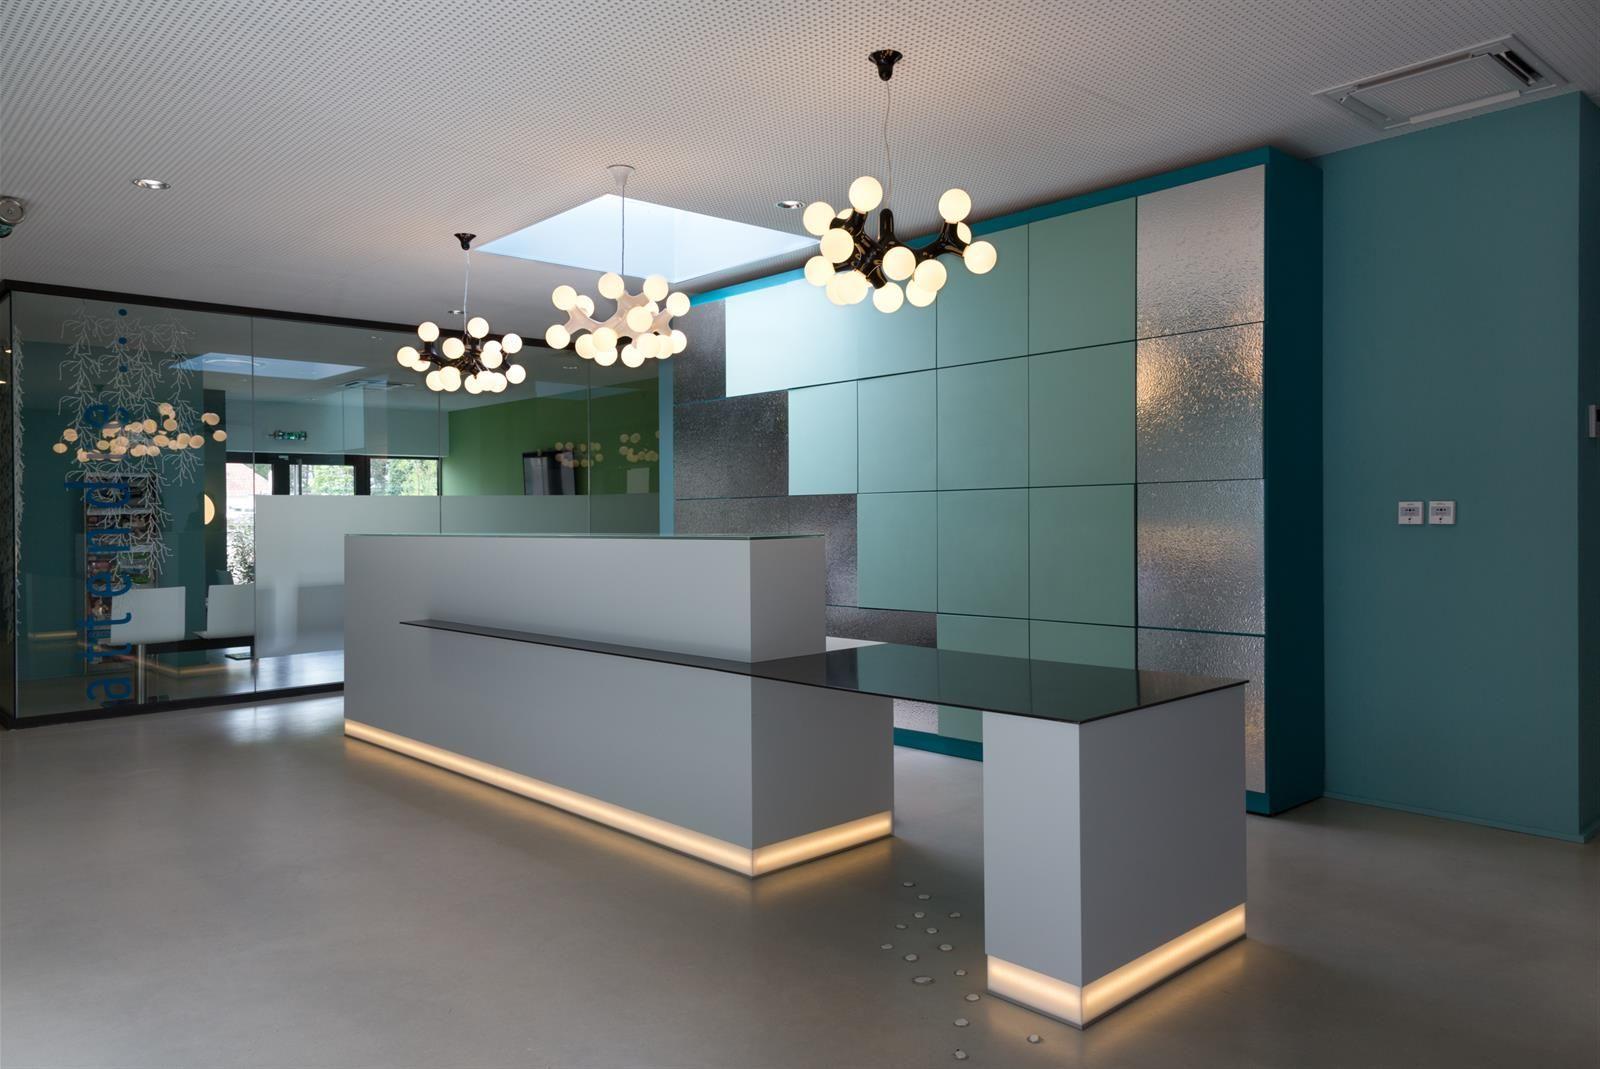 Cabinet m dical dans cabinet dentaire id e d coration de - Cabinet dentaire design ...